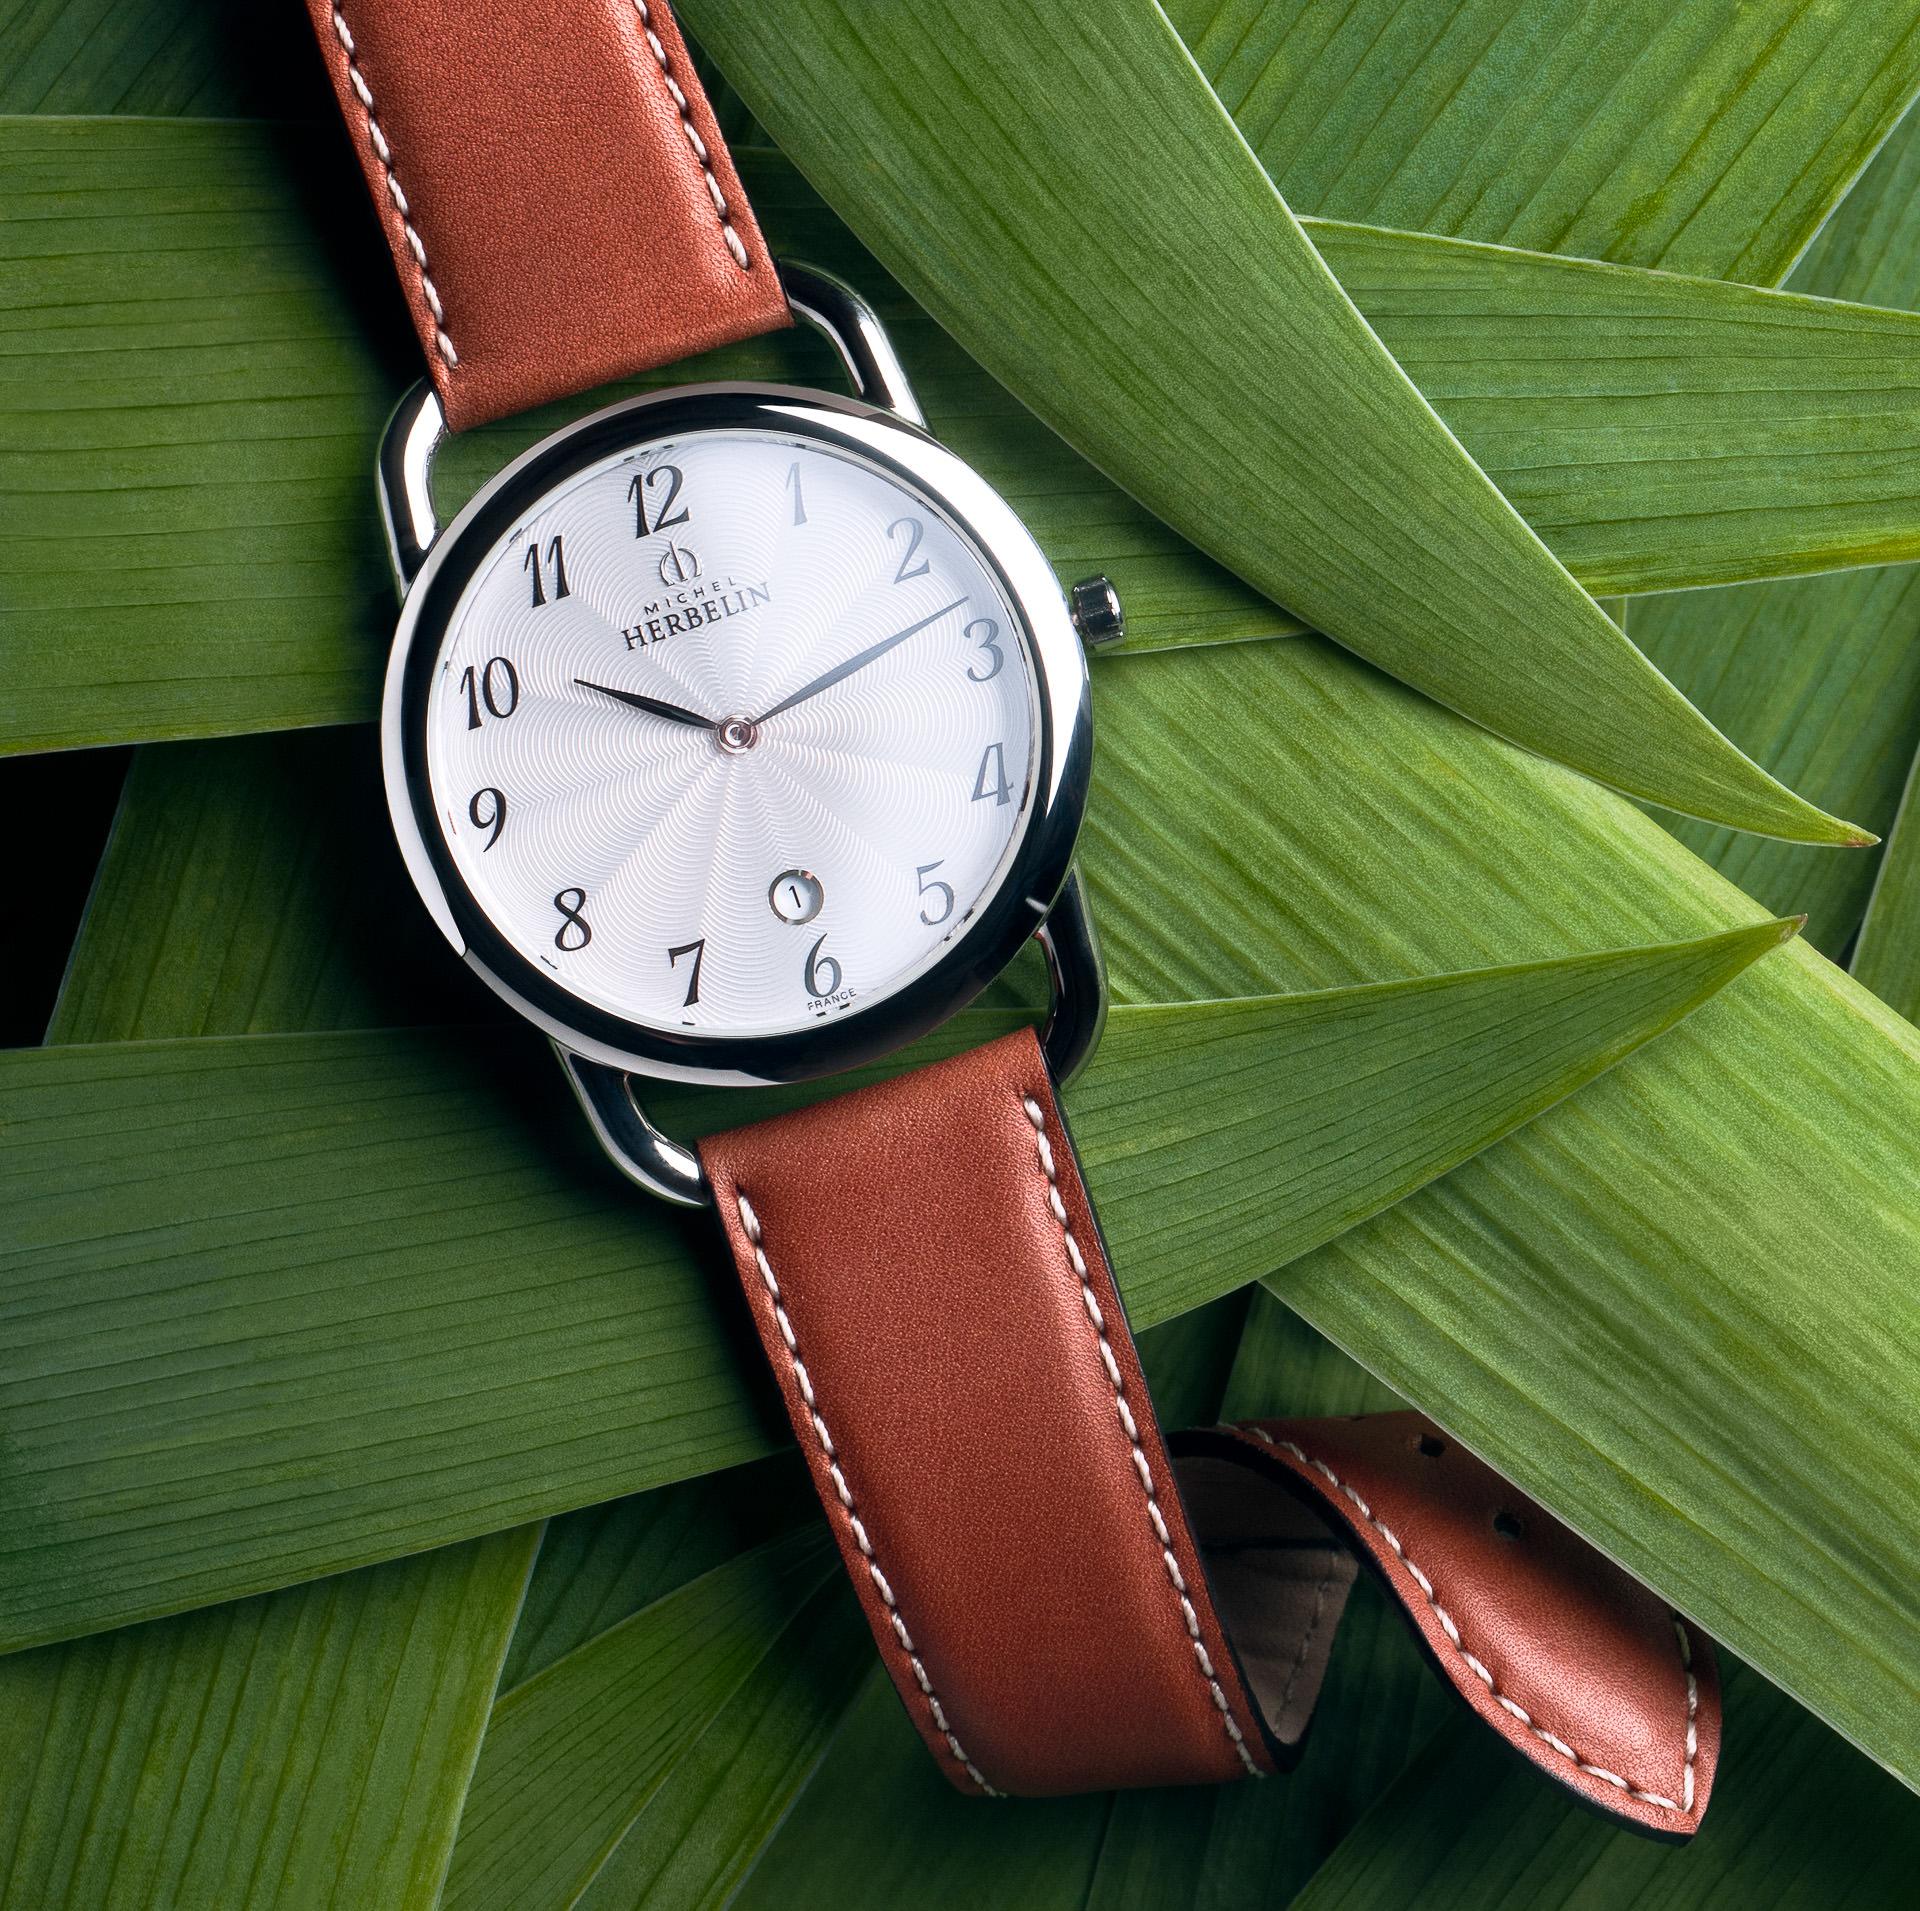 Photographe de produit, bijoux, joaillerie et horlogerie à paris